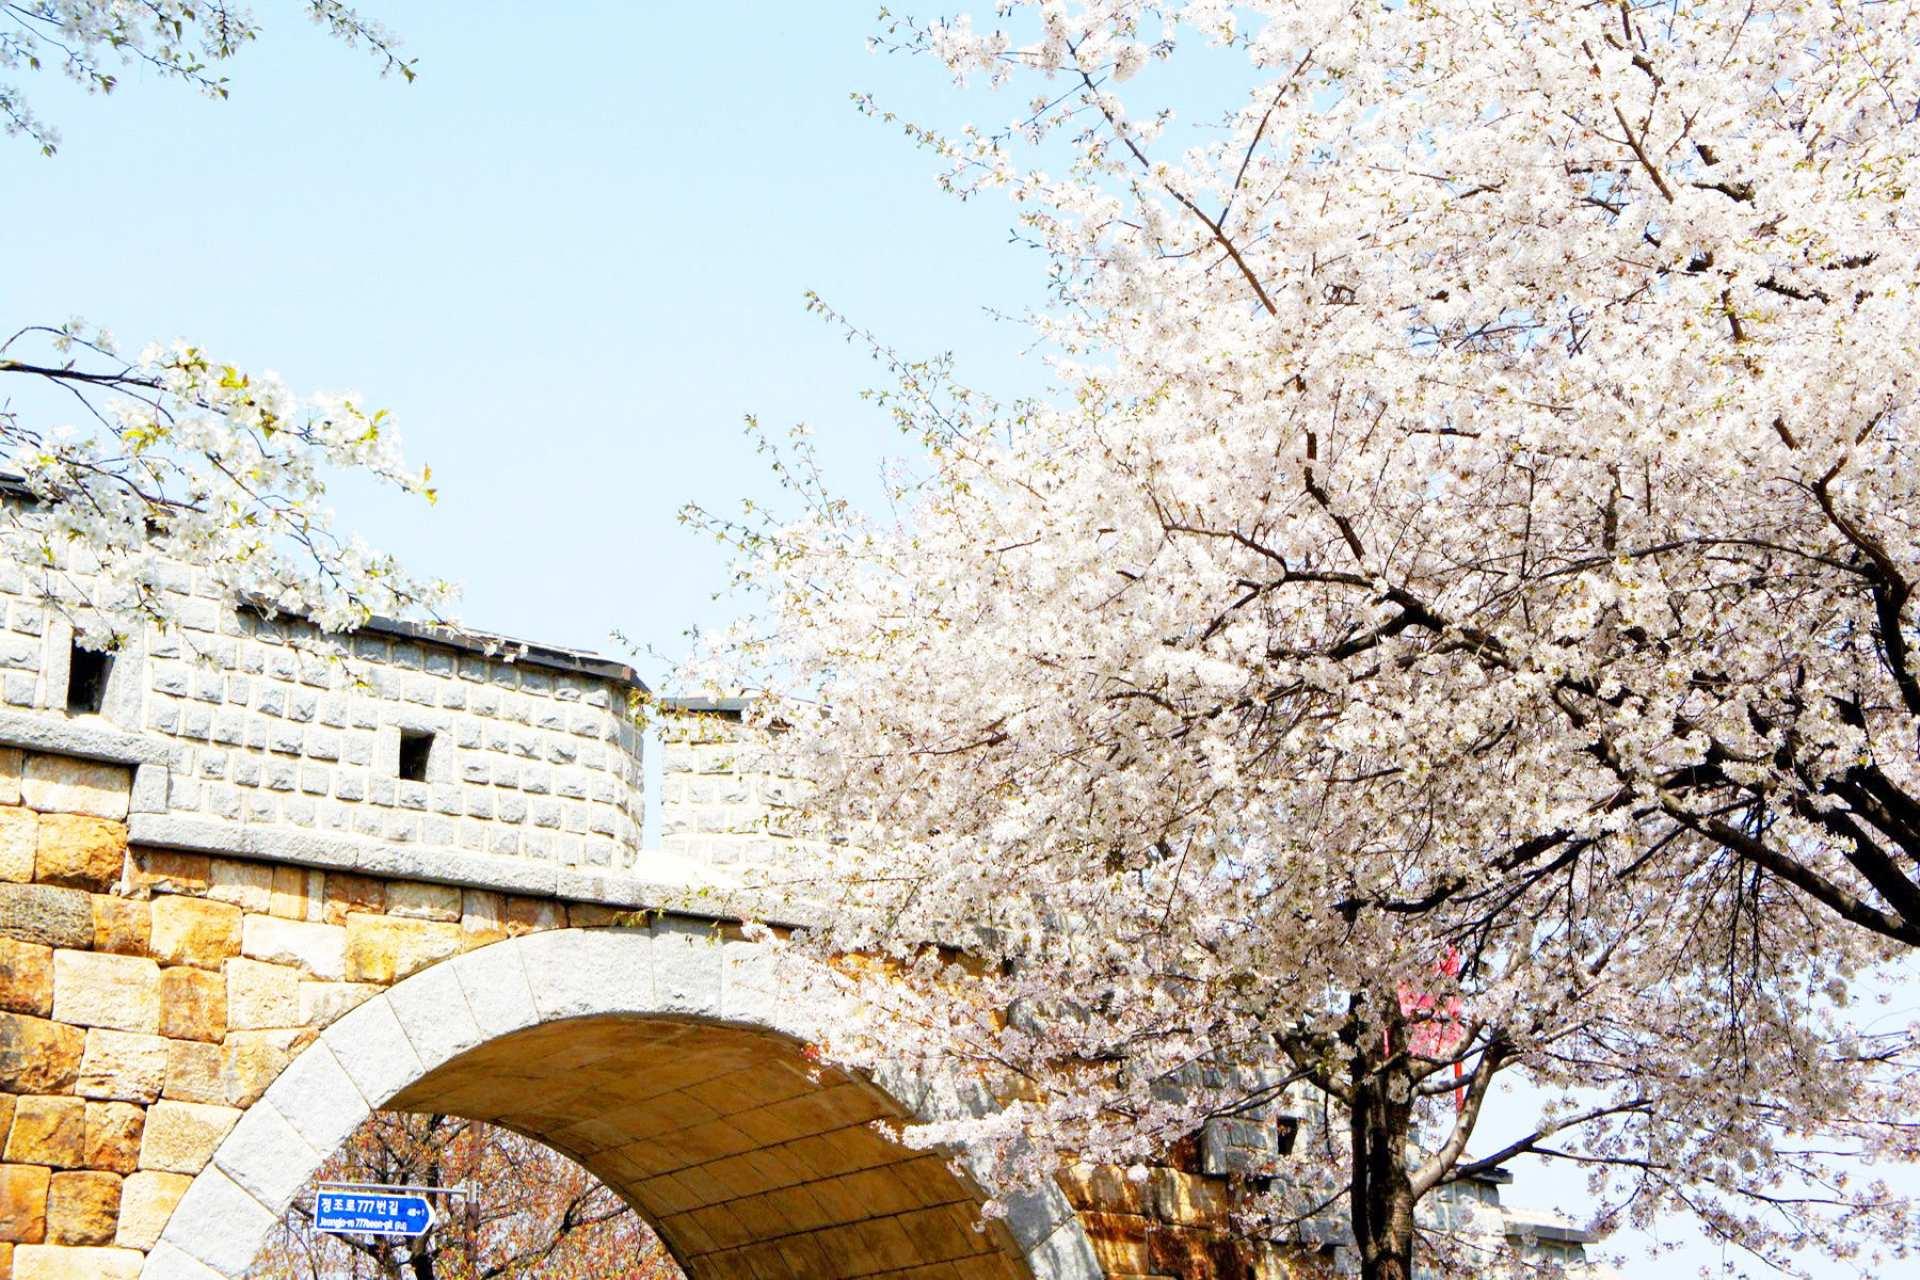 【首爾近郊一日遊】水原華城+傳統市場美食+熱氣球體驗